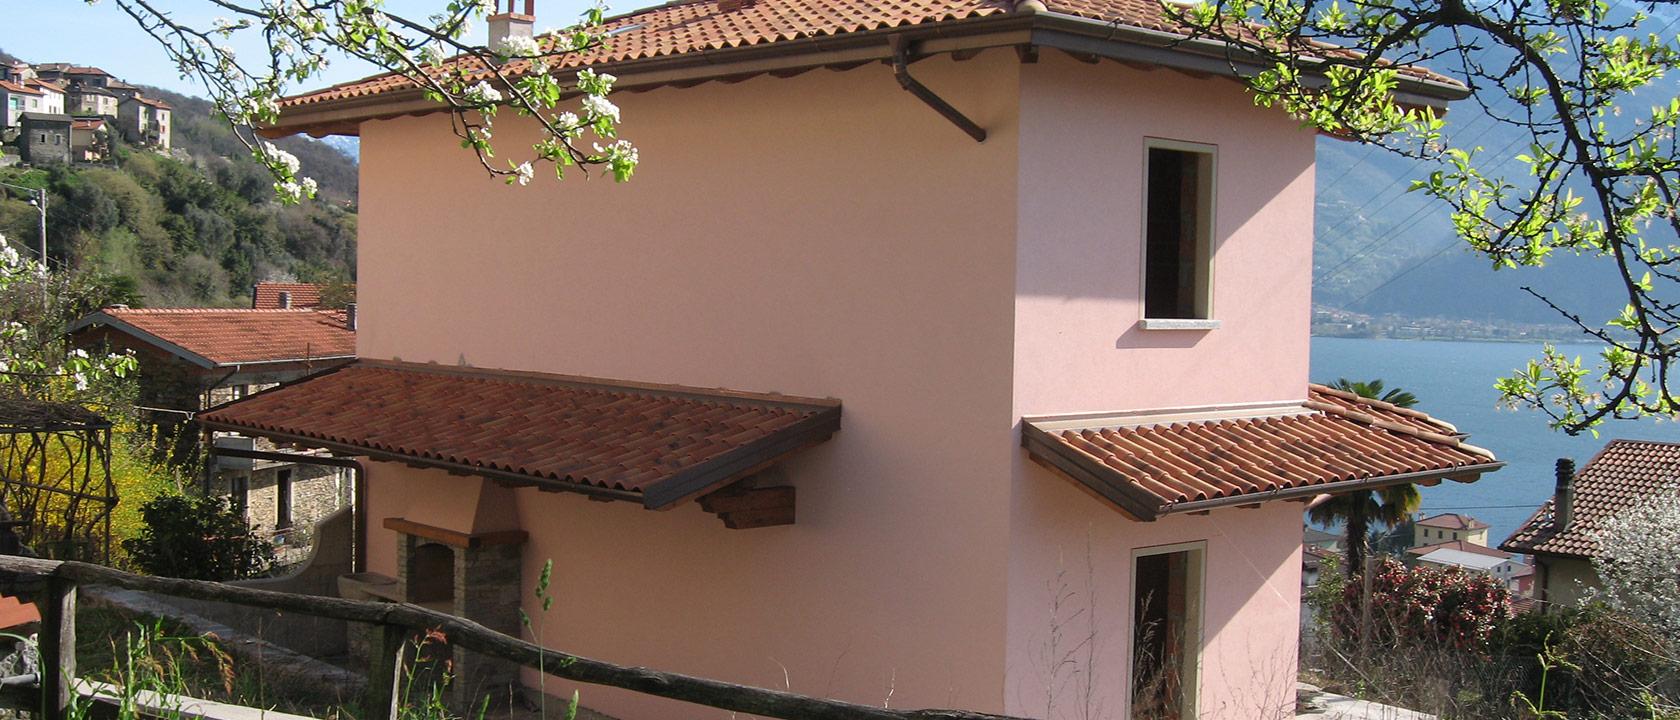 Impresa-Curti-Immobili-Vendita-Villa-Scellino-San-Siro-CO-Header-004.jpg